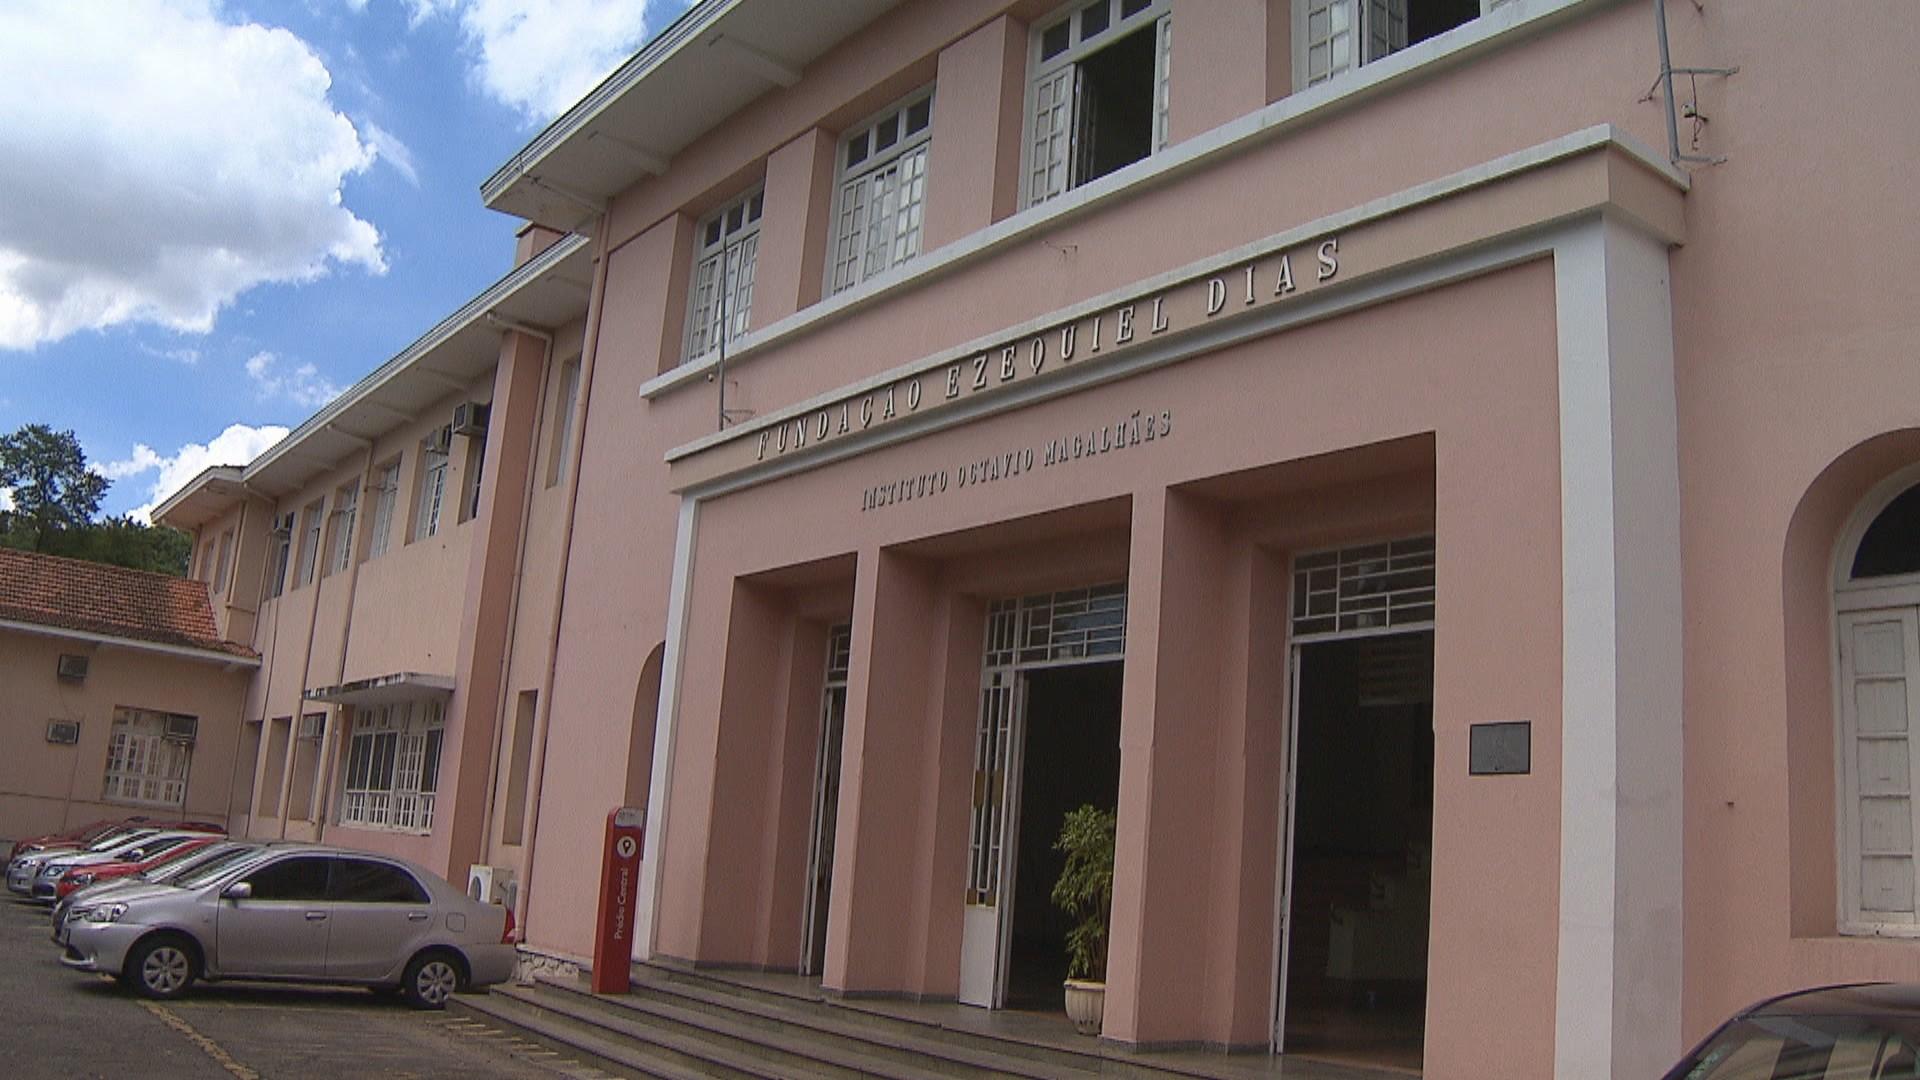 Coronavírus: 120 laboratórios de Minas querem fazer diagnóstico, mas governo não tem previsão para credenciamento